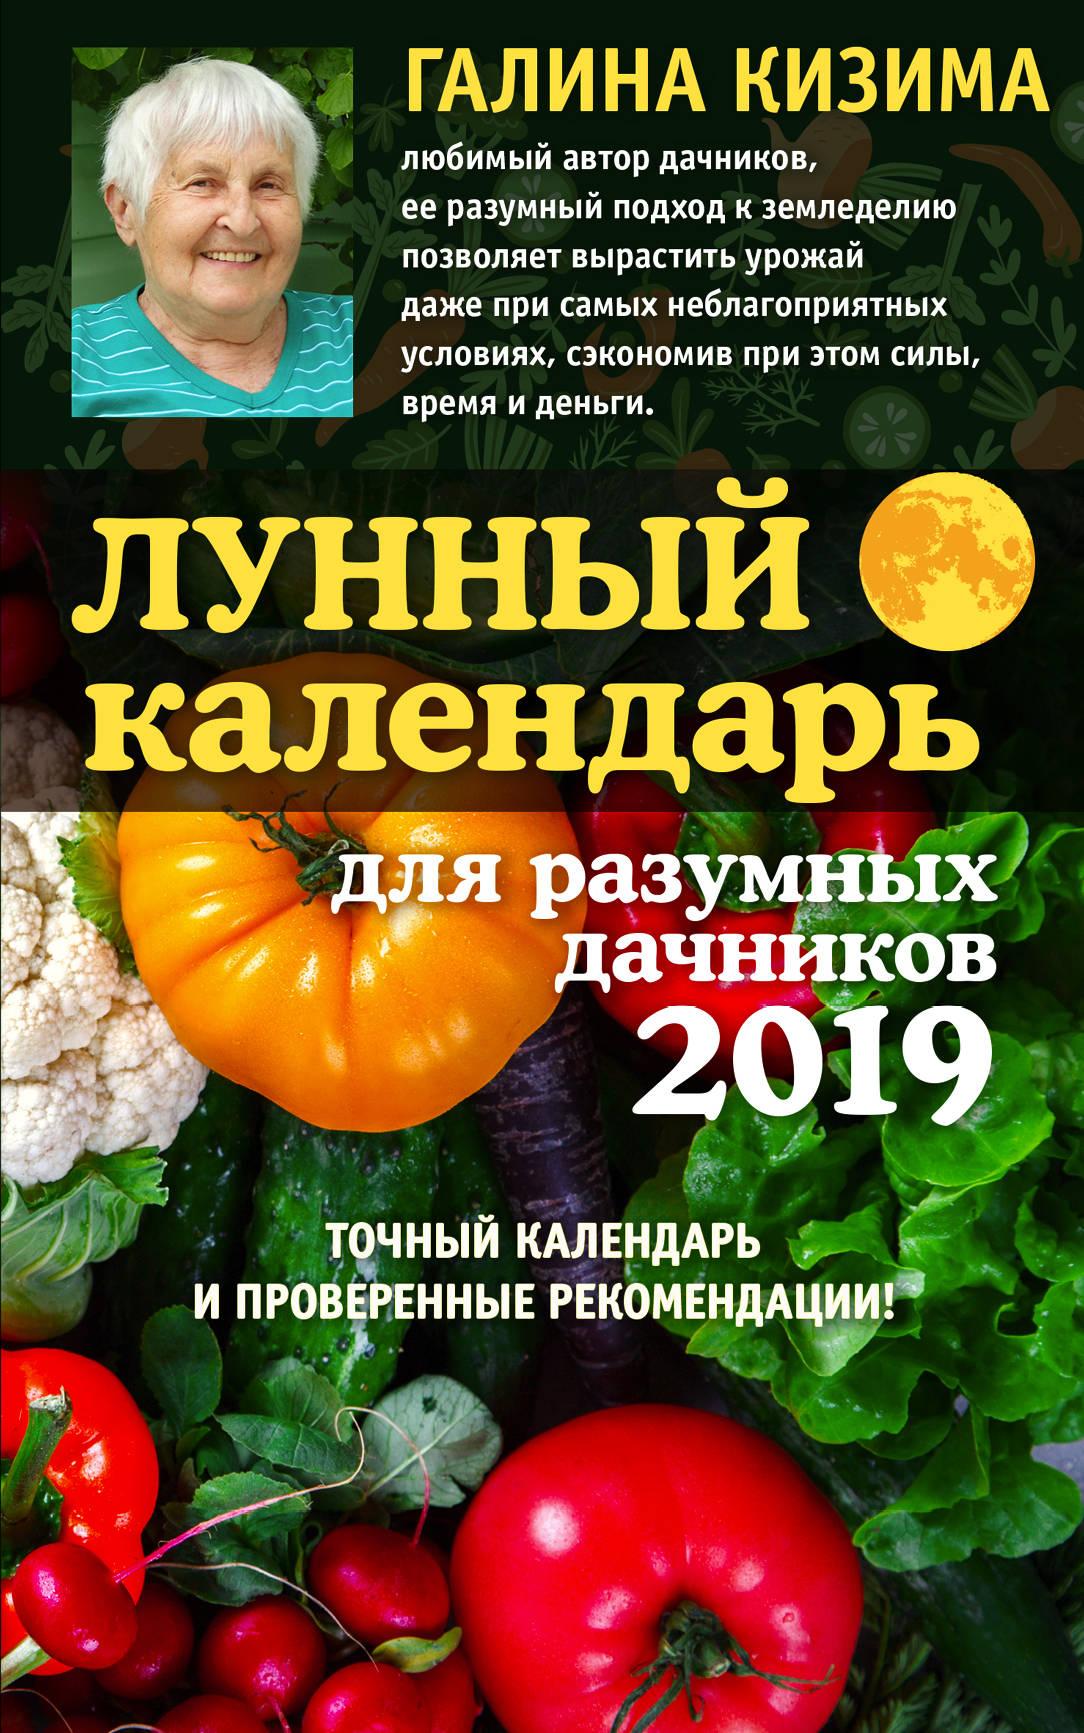 Г. А. Кизима Лунный календарь для разумных дачников 2019 от Галины Кизимы